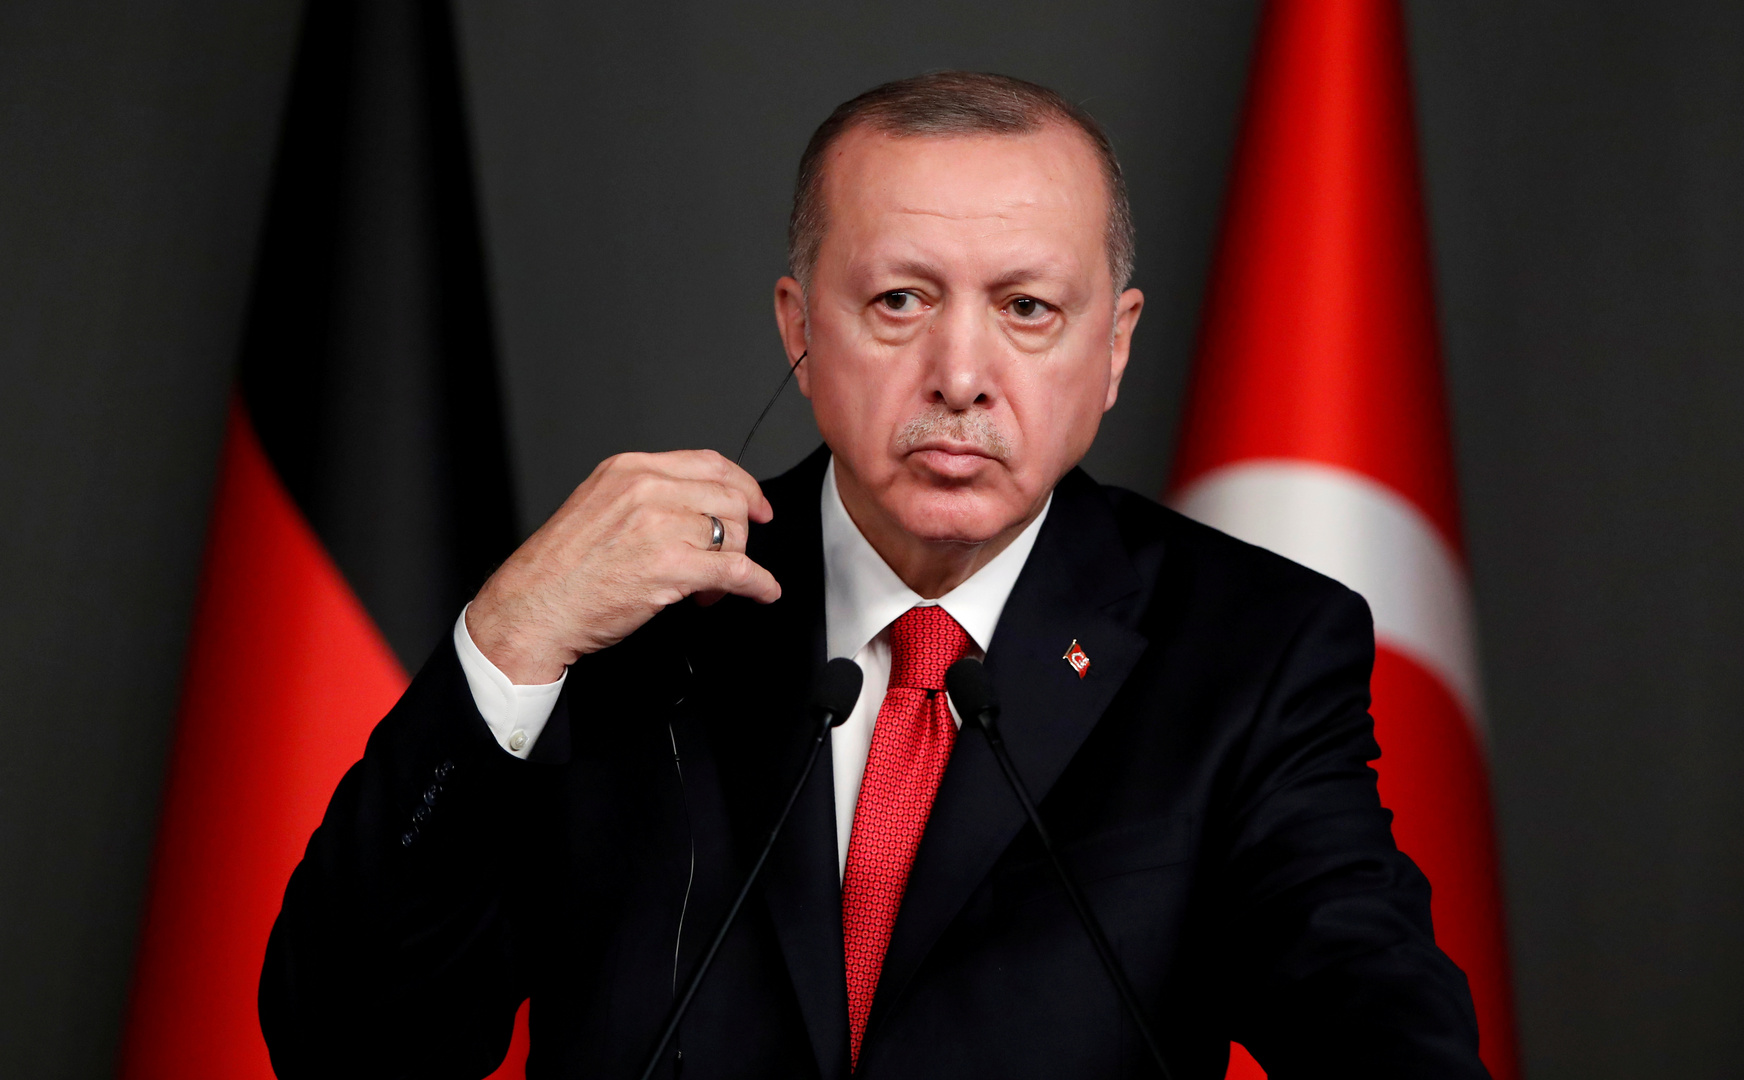 دار الإفتاء المصرية تهاجم أردوغان وجماعة الإخوان المسلمين